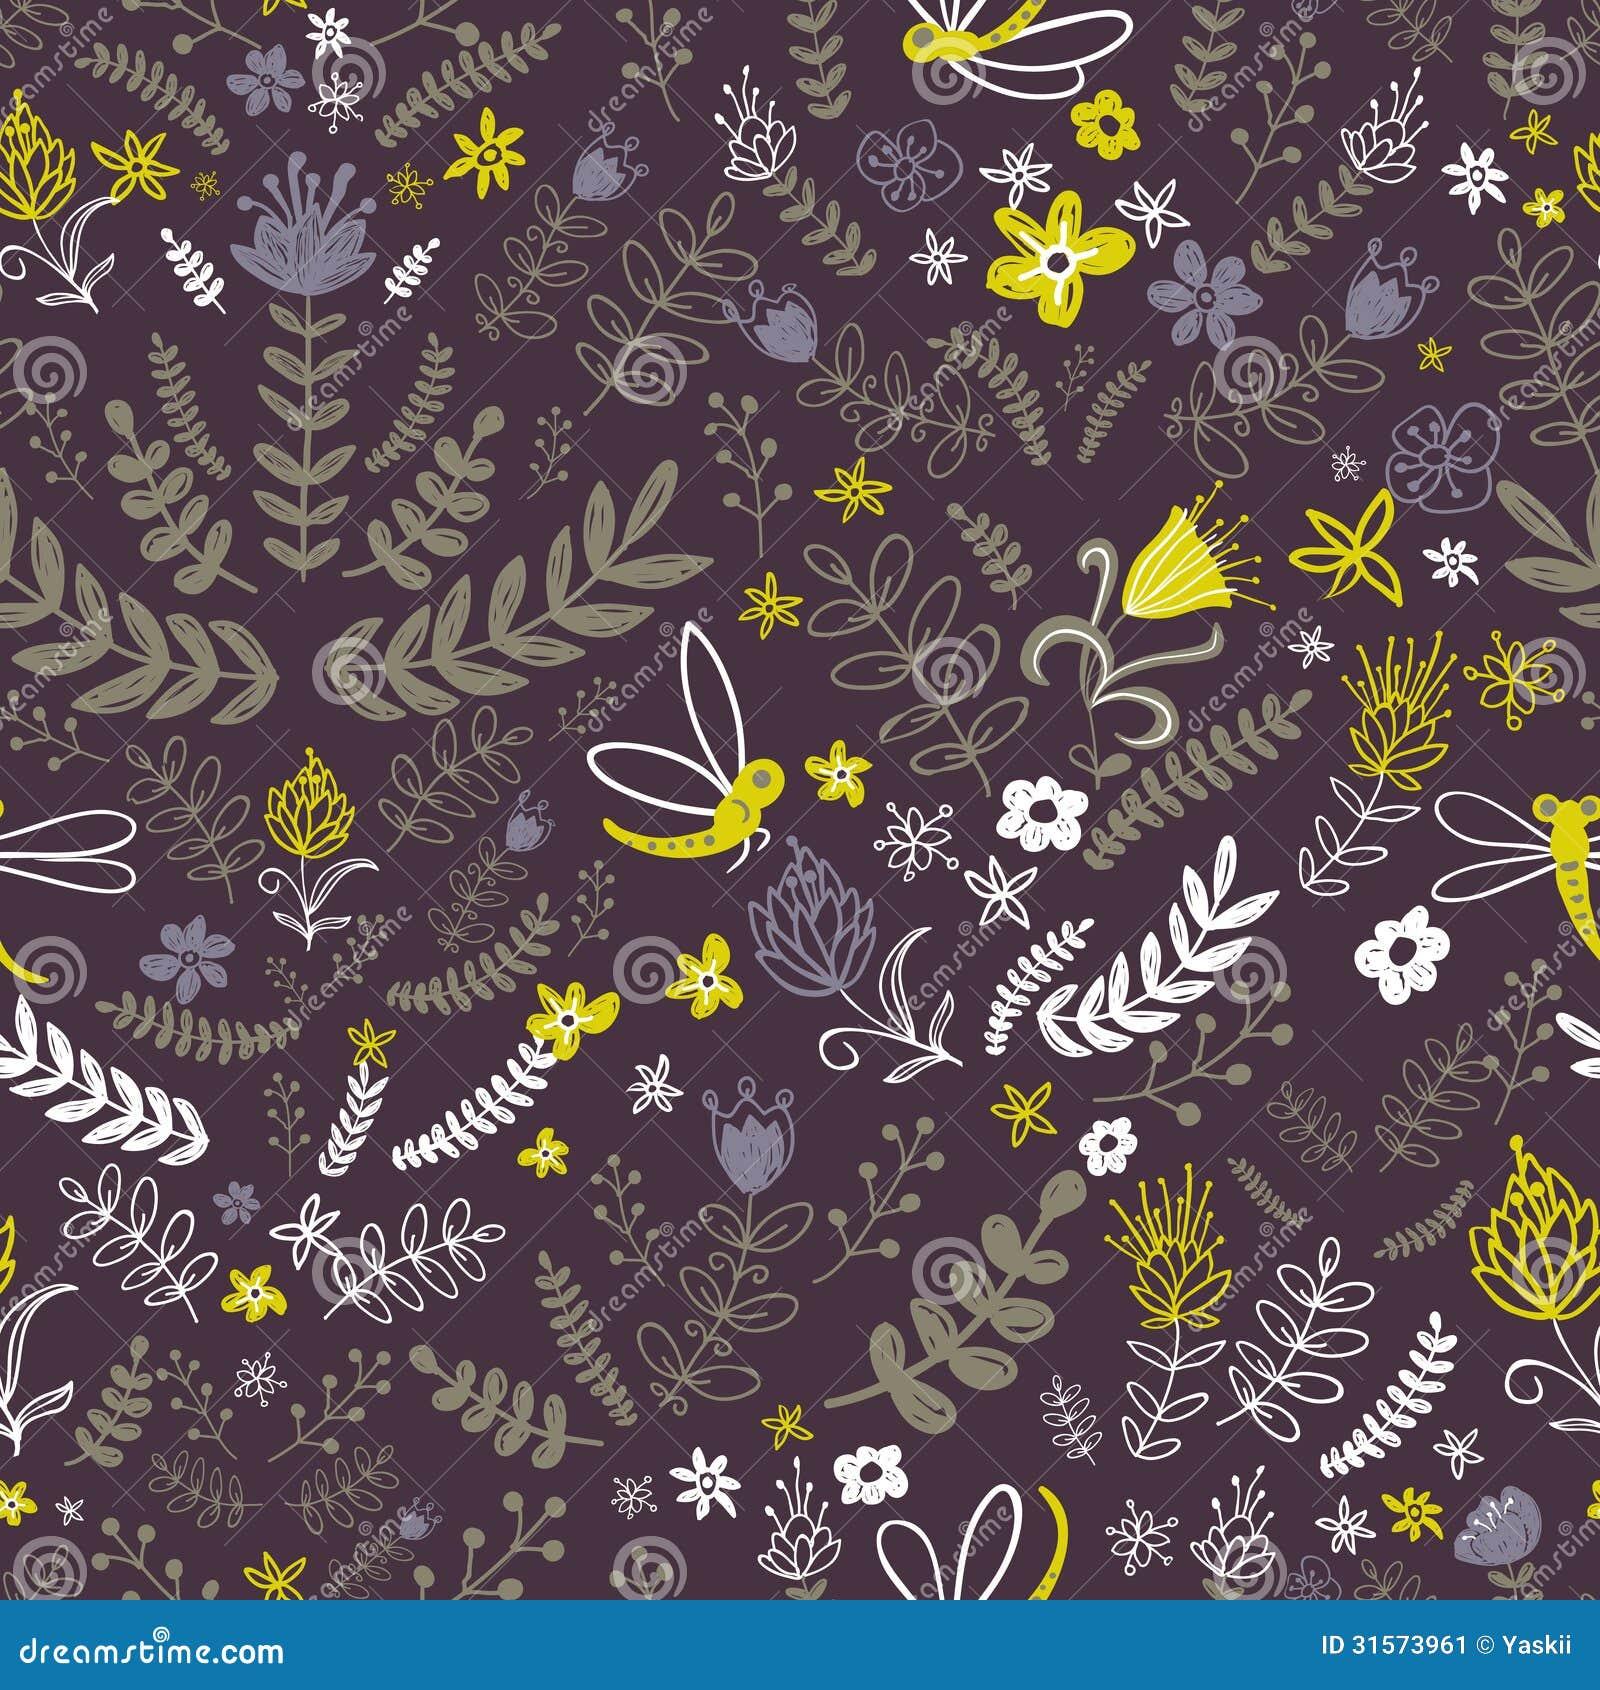 Nature Pattern Stock Image